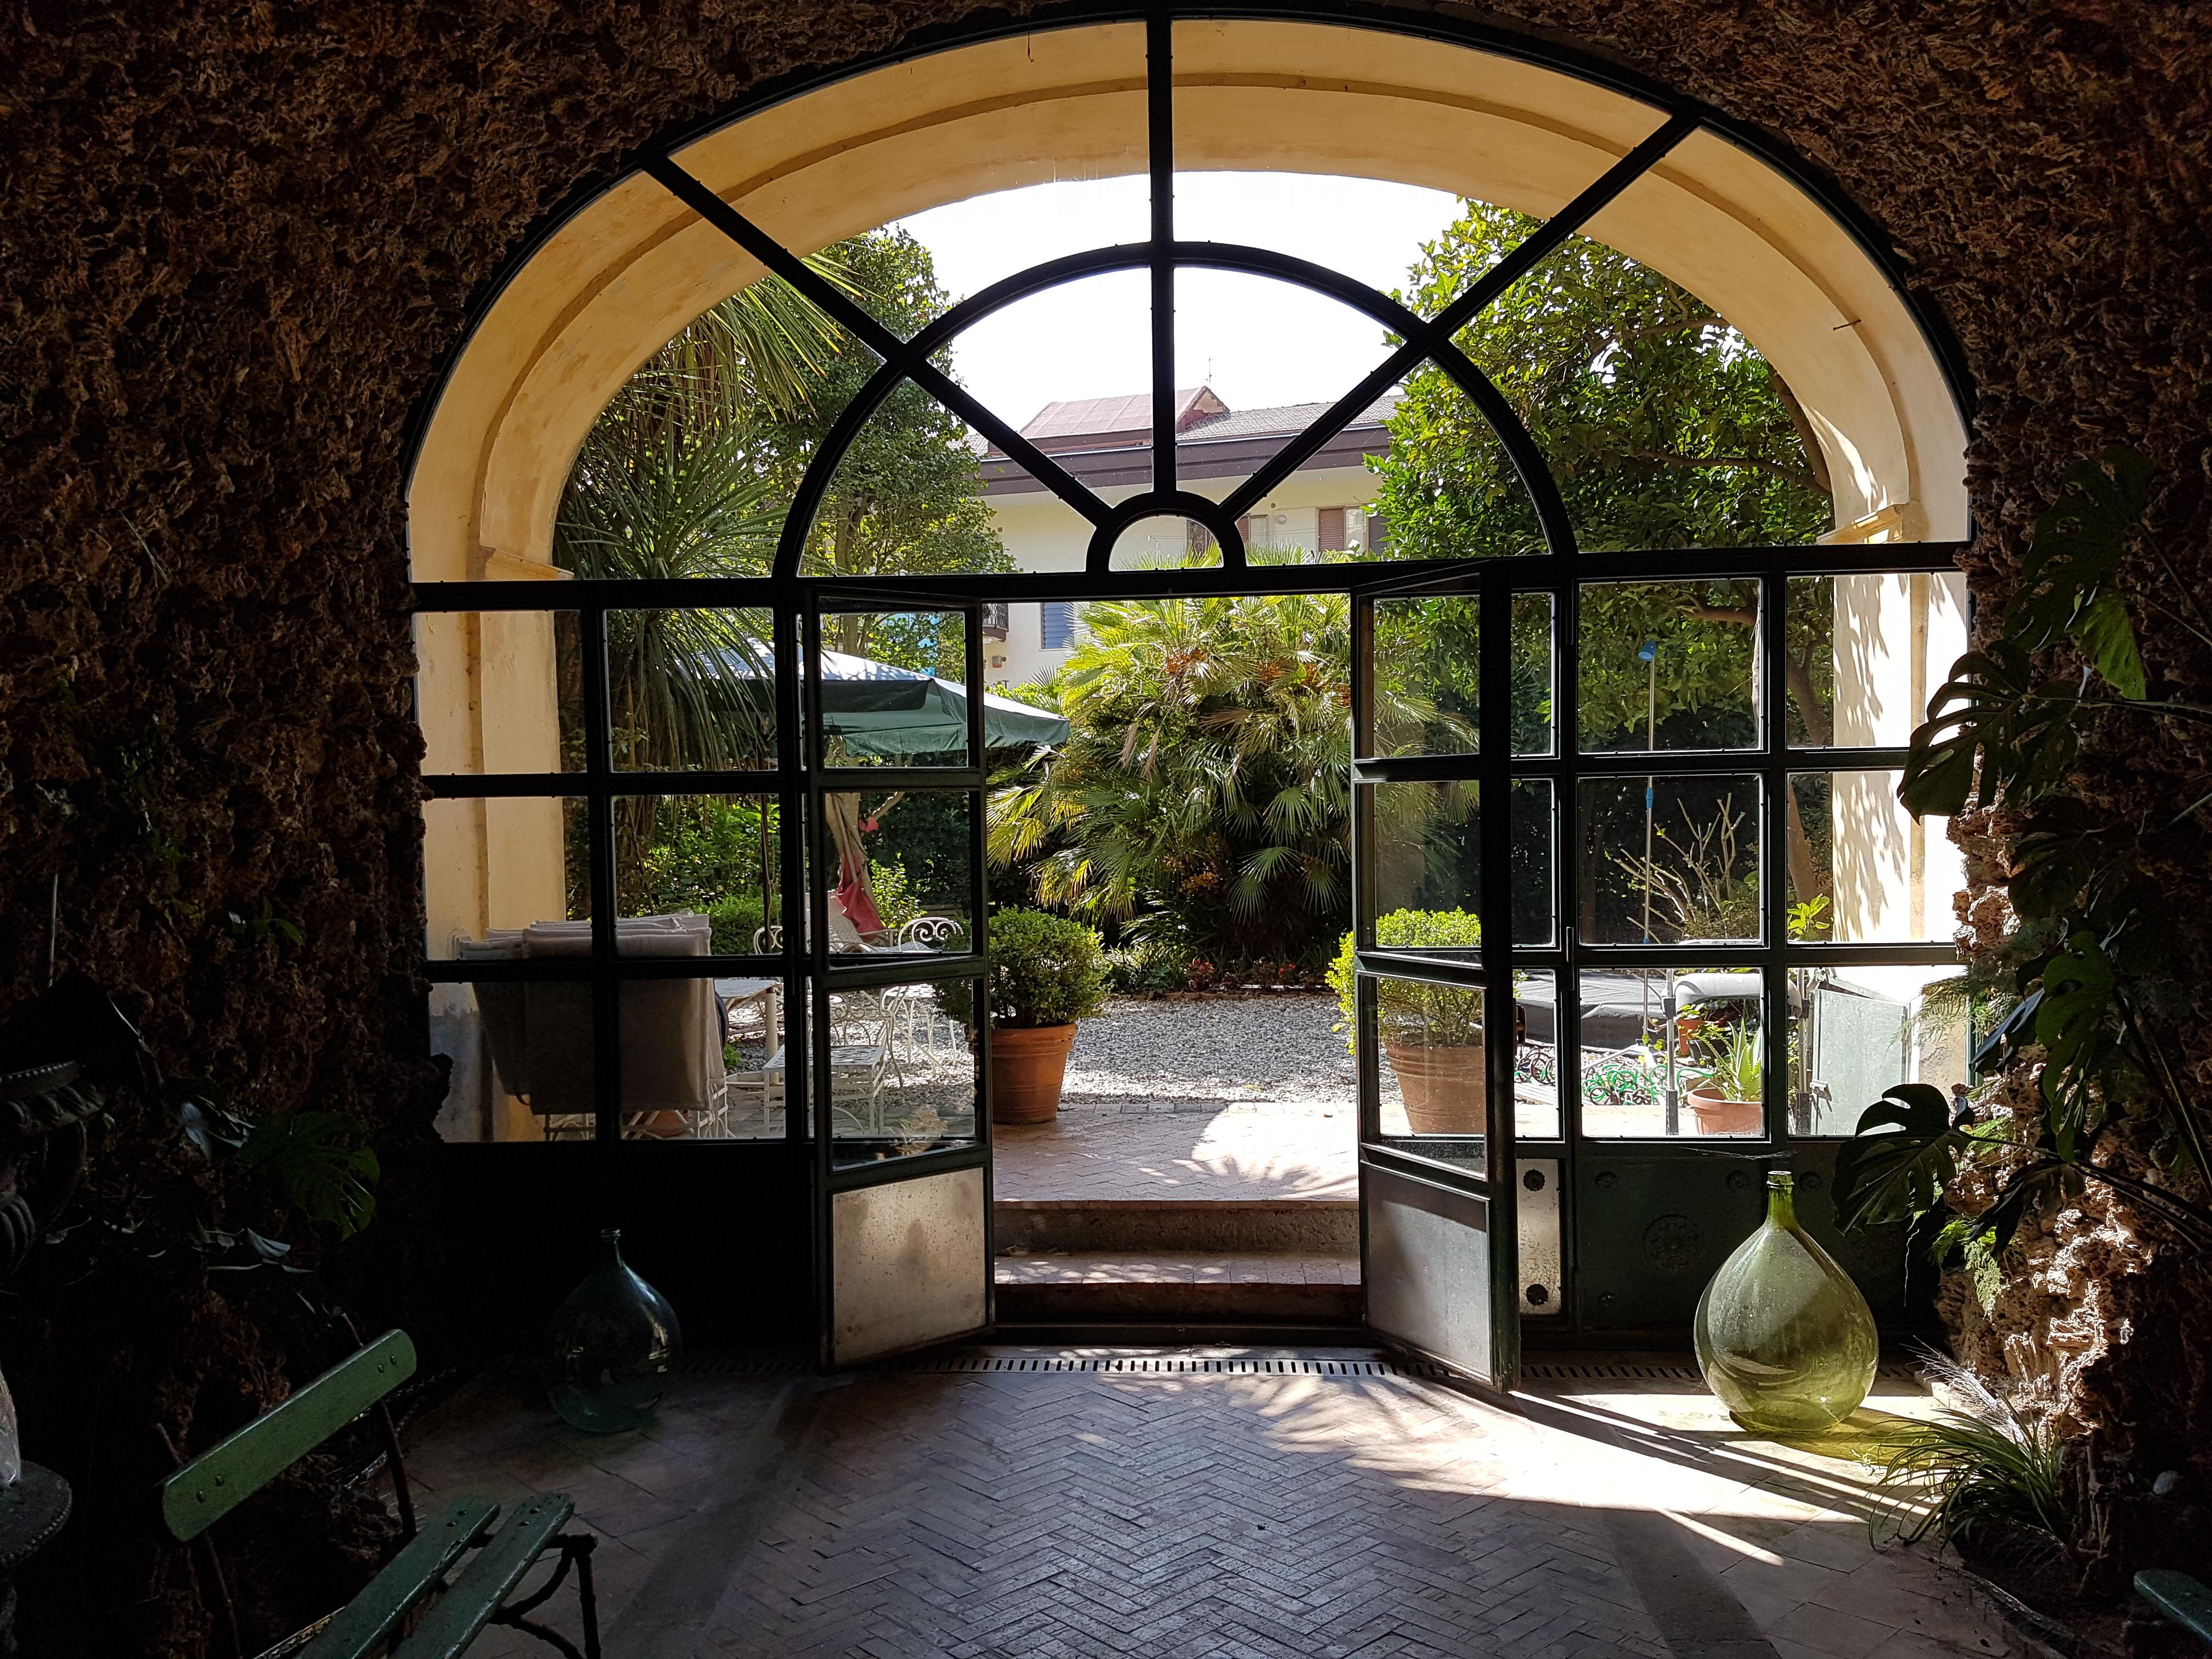 Ferienhaus Dimora Aganoor das Gstehaus - nur wenige Schritte von der Divina Costiera entf (2421007), Cava de' Tirreni, Salerno, Kampanien, Italien, Bild 1